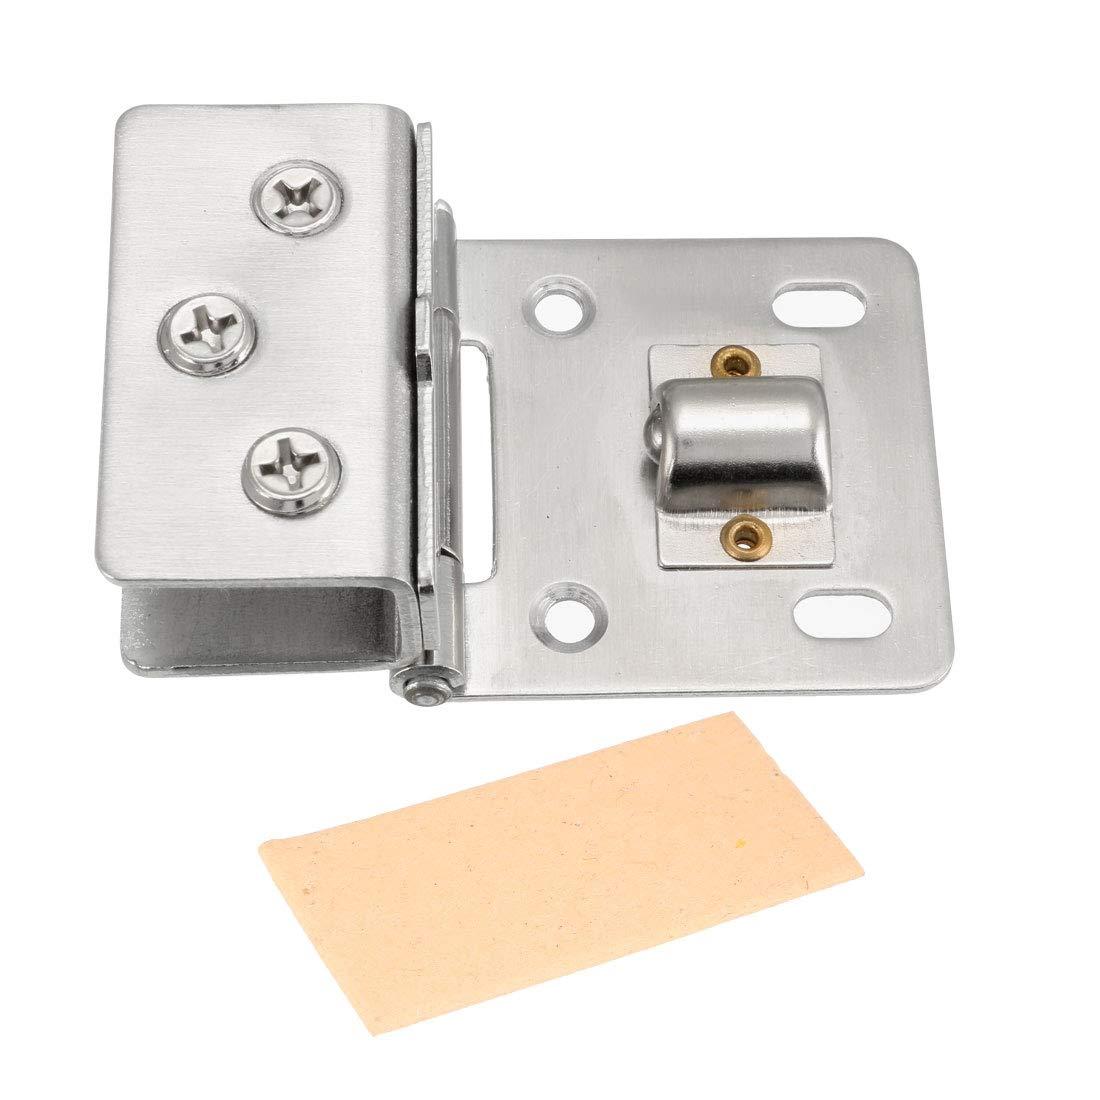 Piece-8 10 x 2-1//2 Hard-to-Find Fastener 014973187132 White Hex Head Sheet Metal Screws